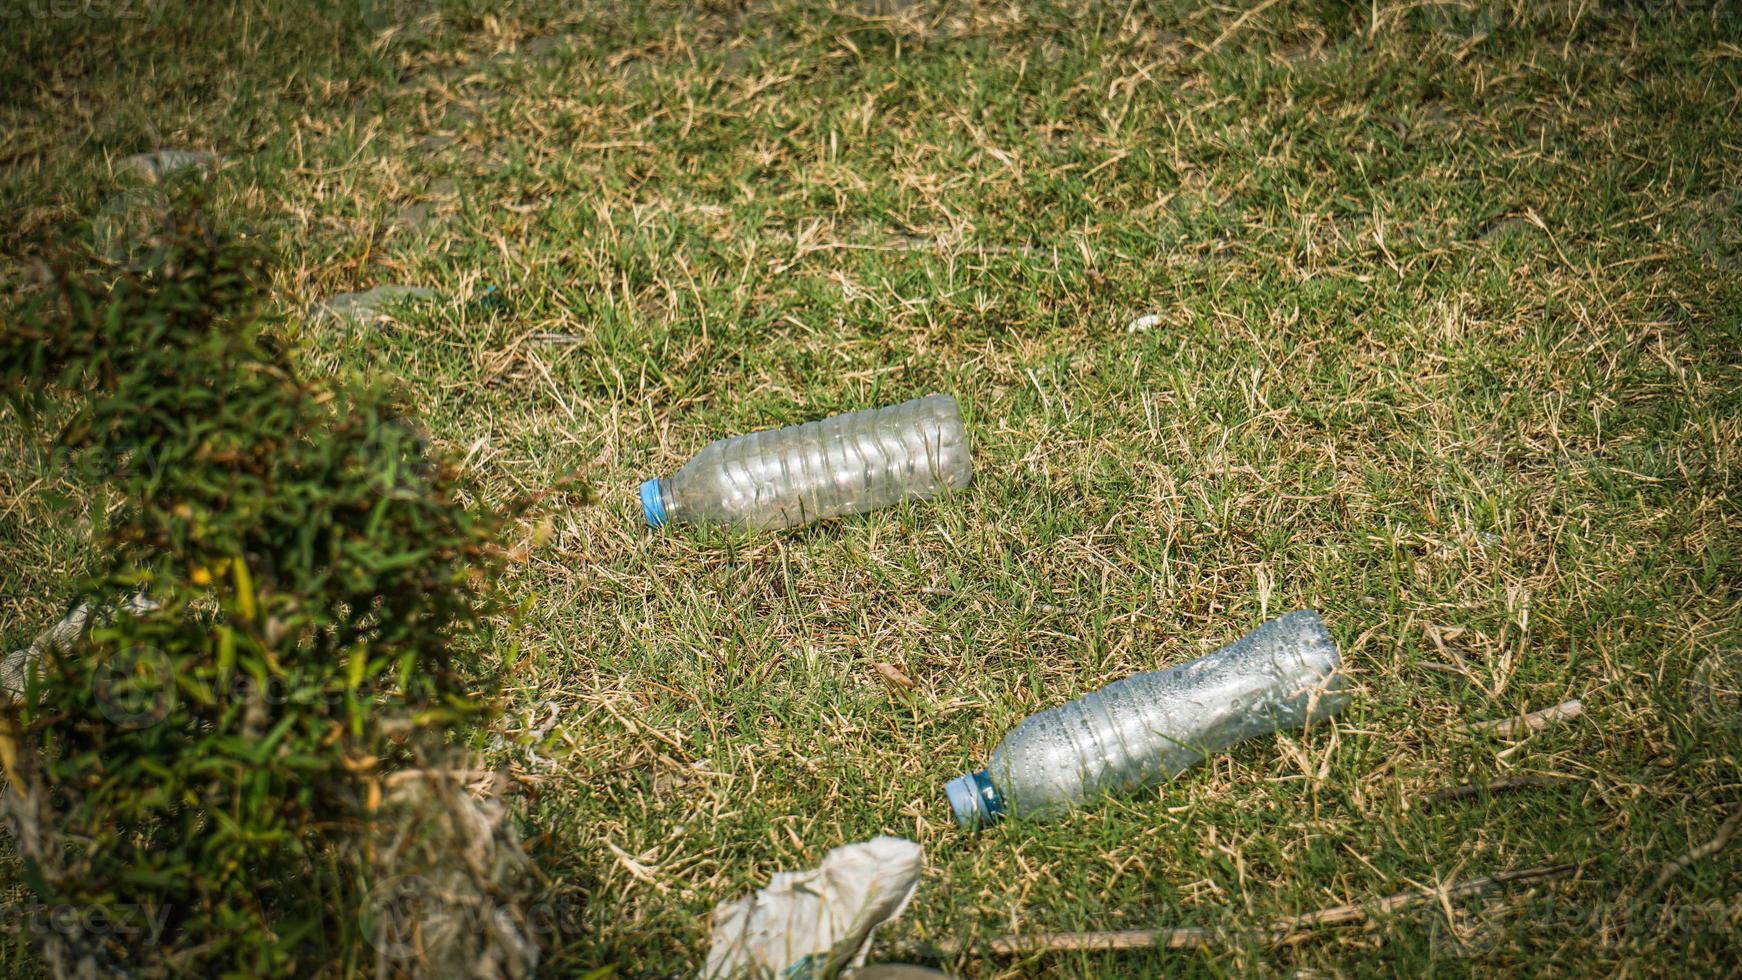 basura junto al río - basura en las orillas del río foto